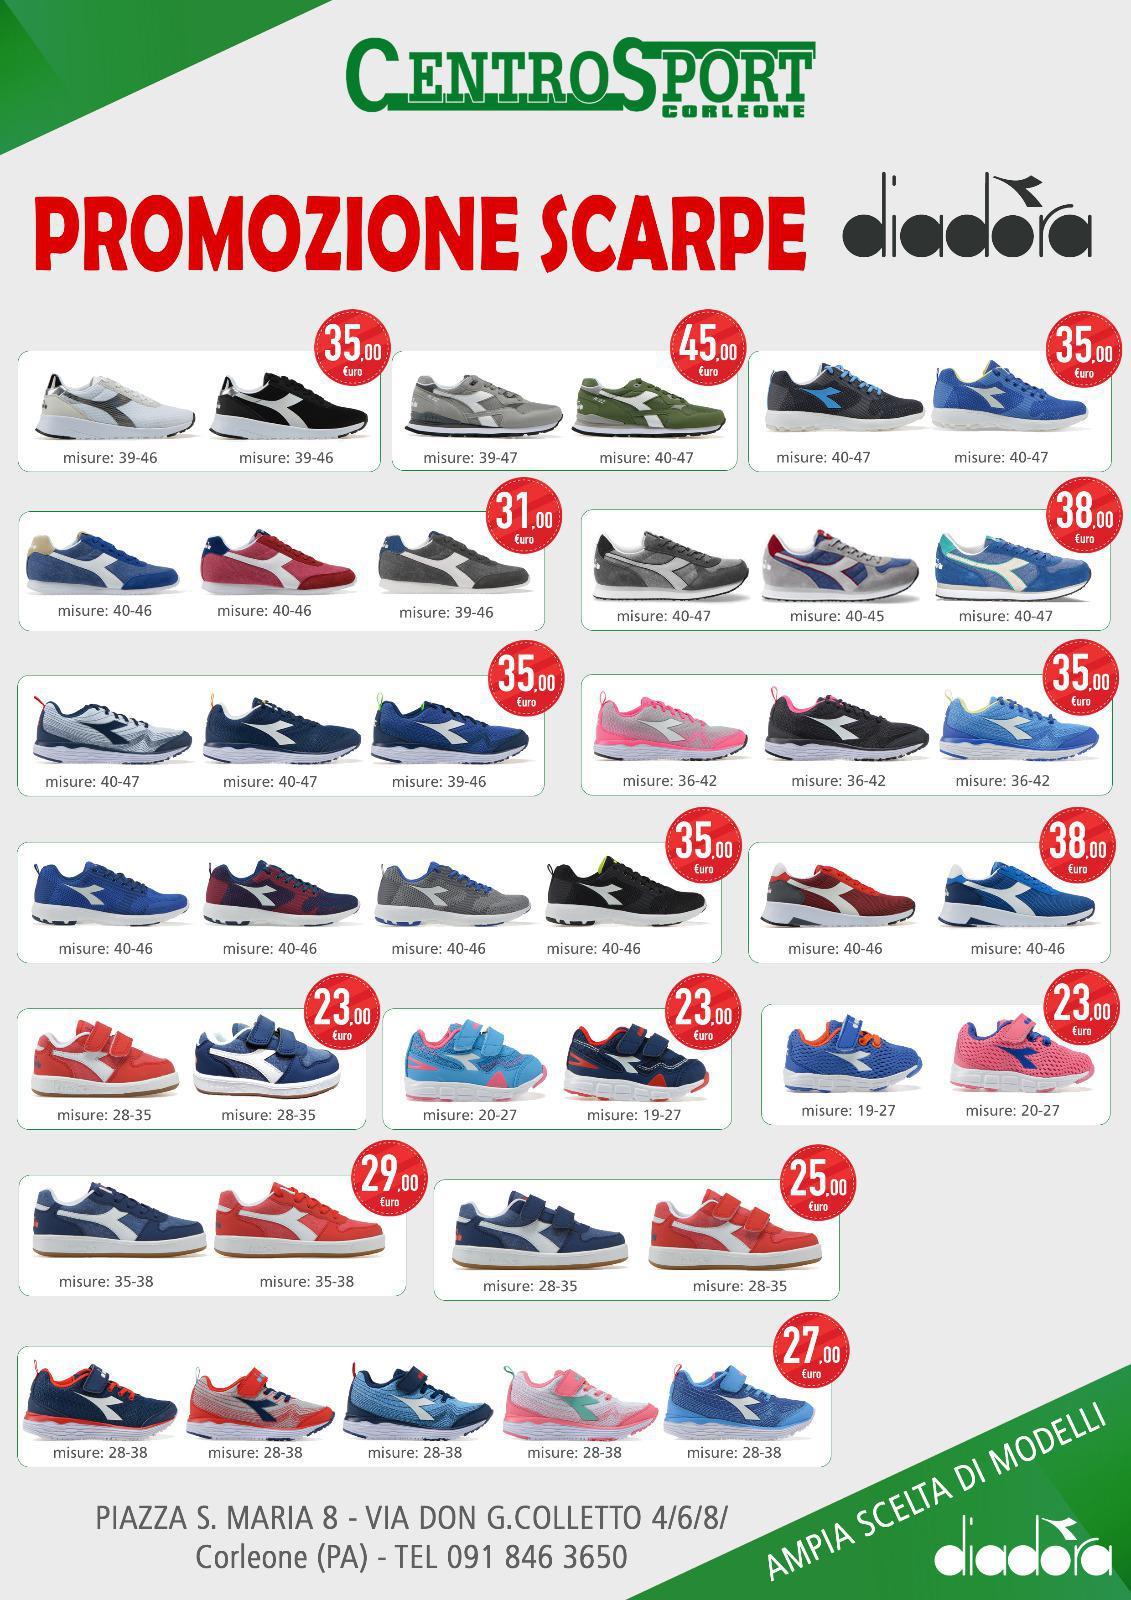 Promozione scarpe Diadora tanti modelli disponibili